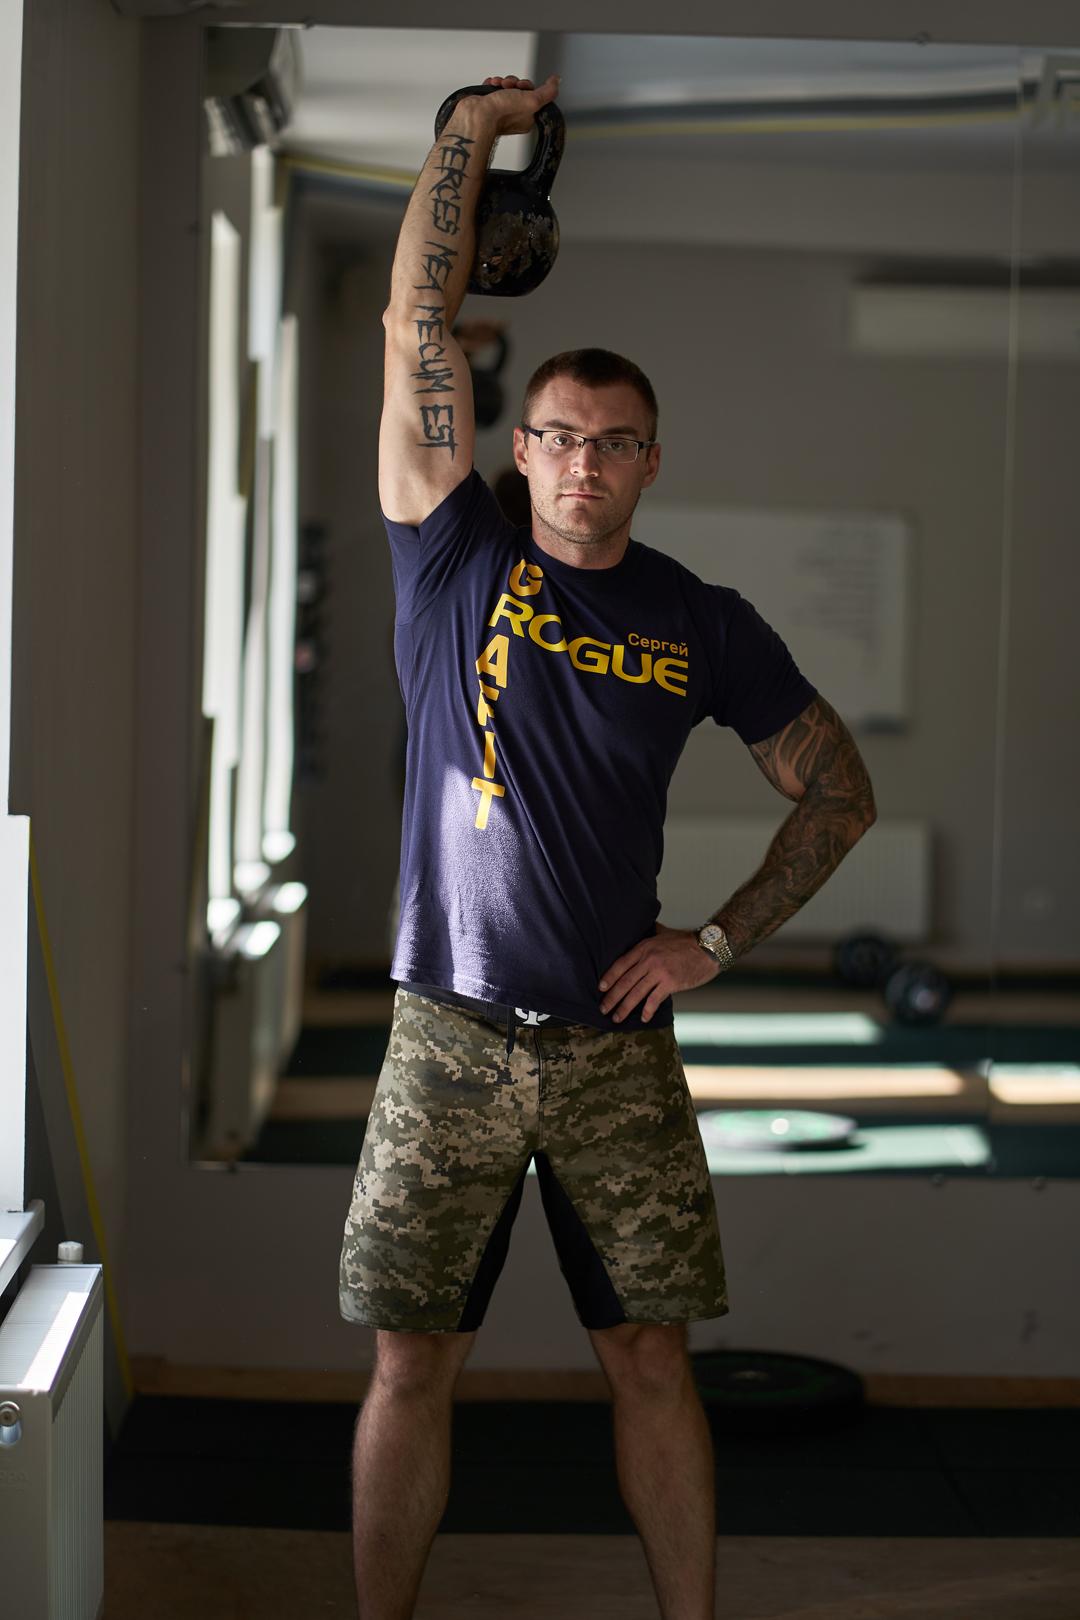 Палиенко Сергей – персональный тренер 2 категории